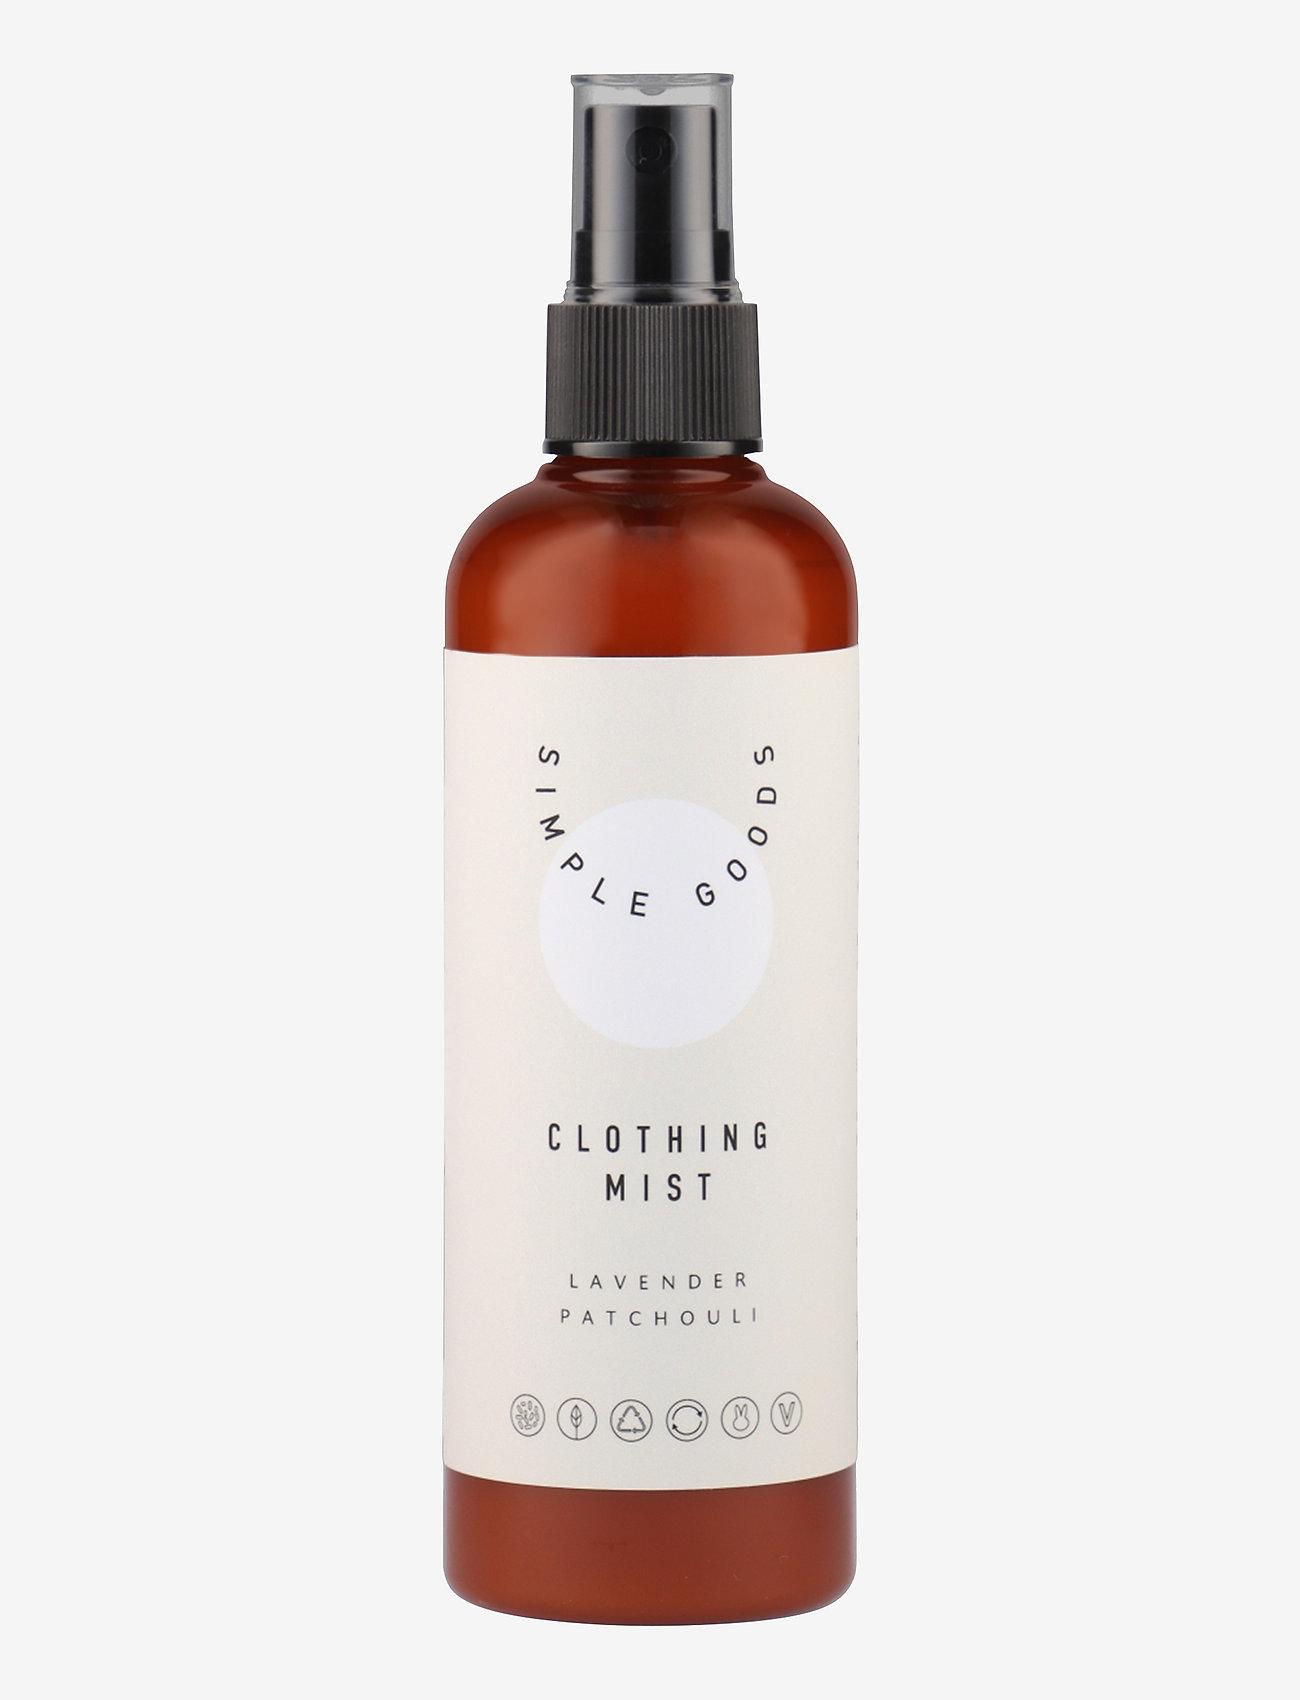 Simple Goods - Clothing Mist, Lavender, Patchouli - Övrigt diskning & städning - beige / brown - 0